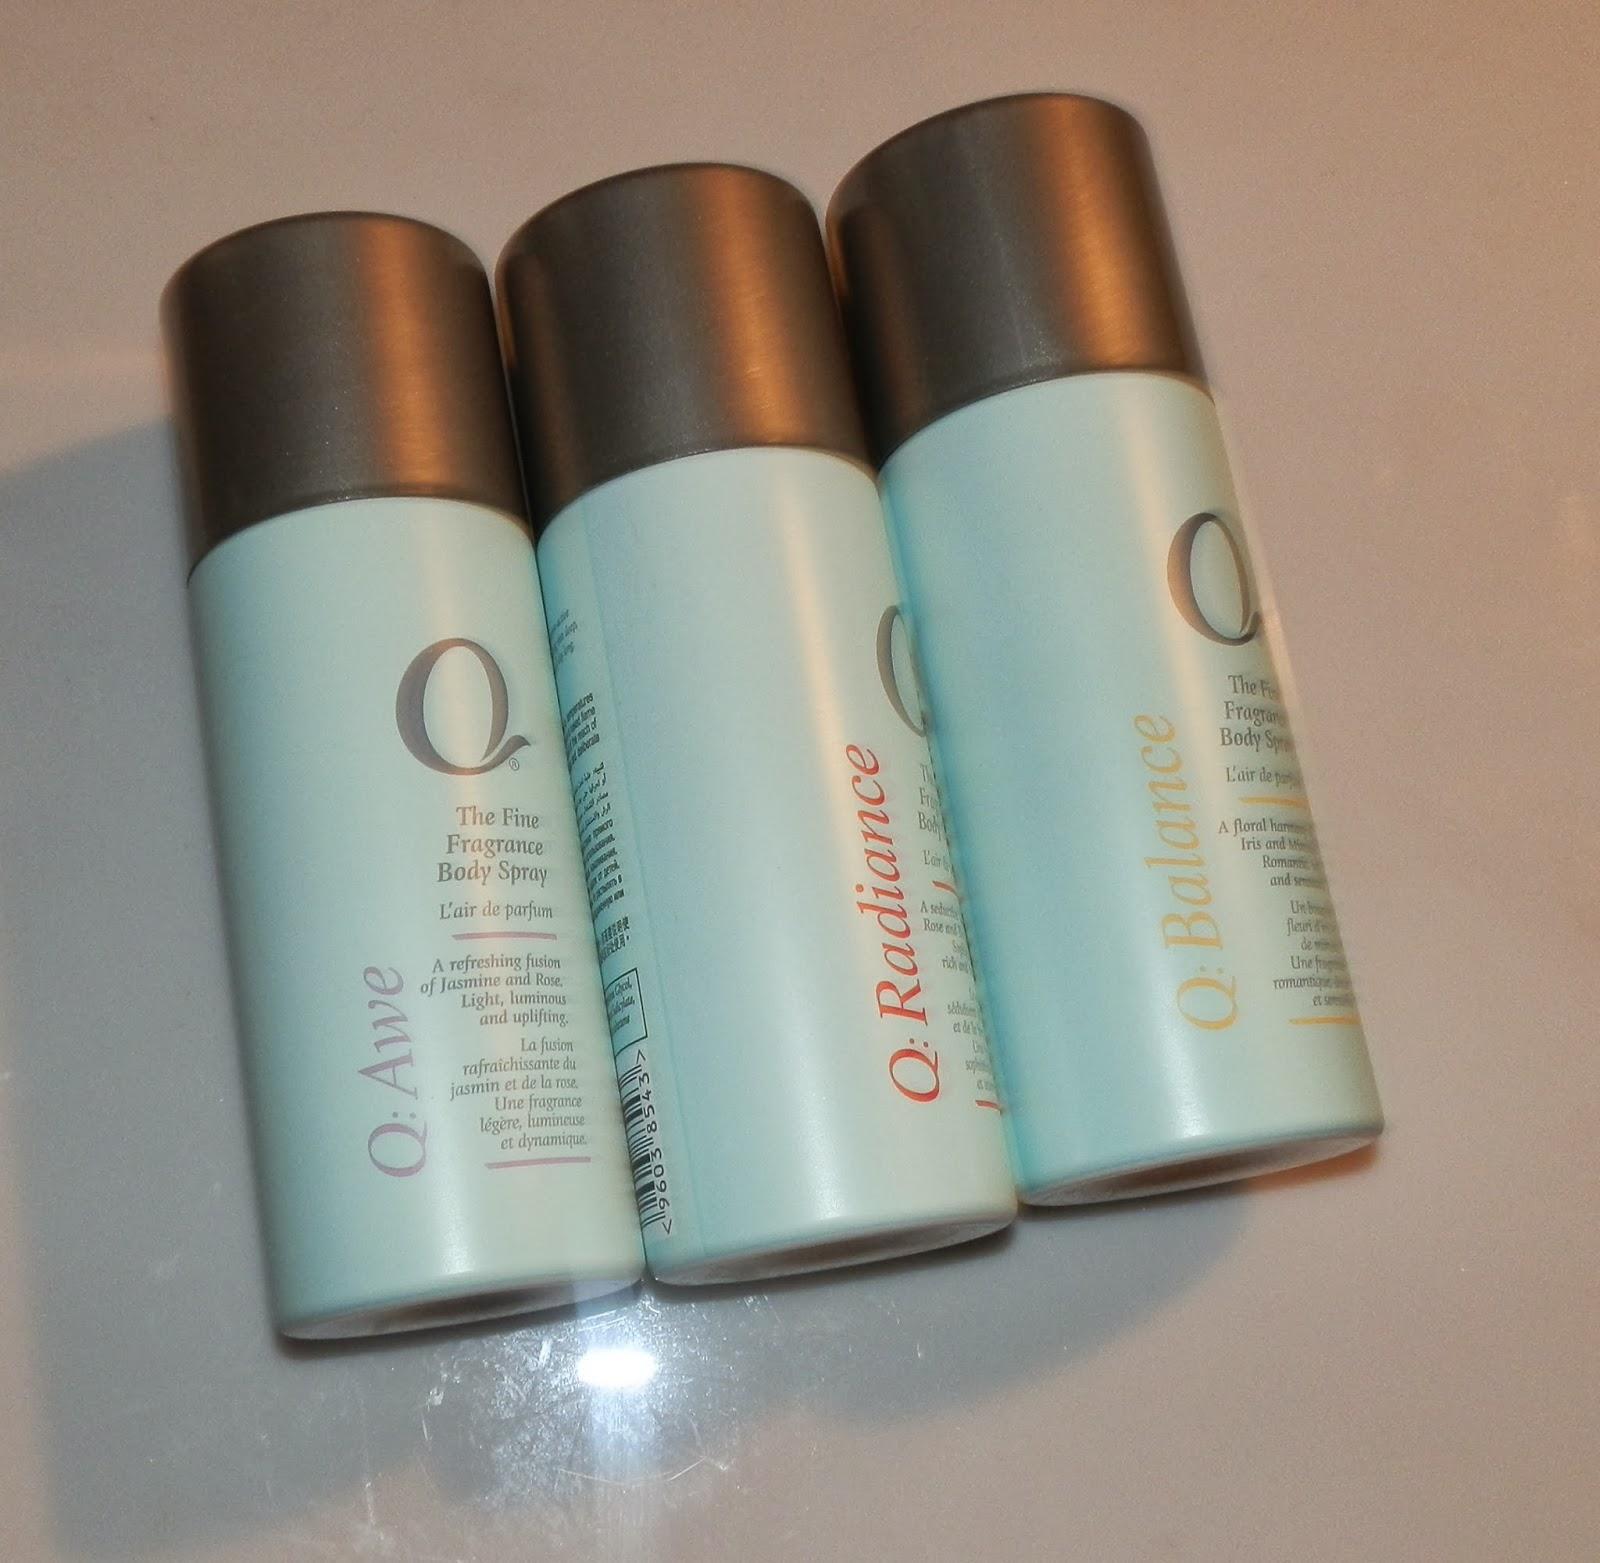 Q The Fine Fragrance Body Spray Reviews